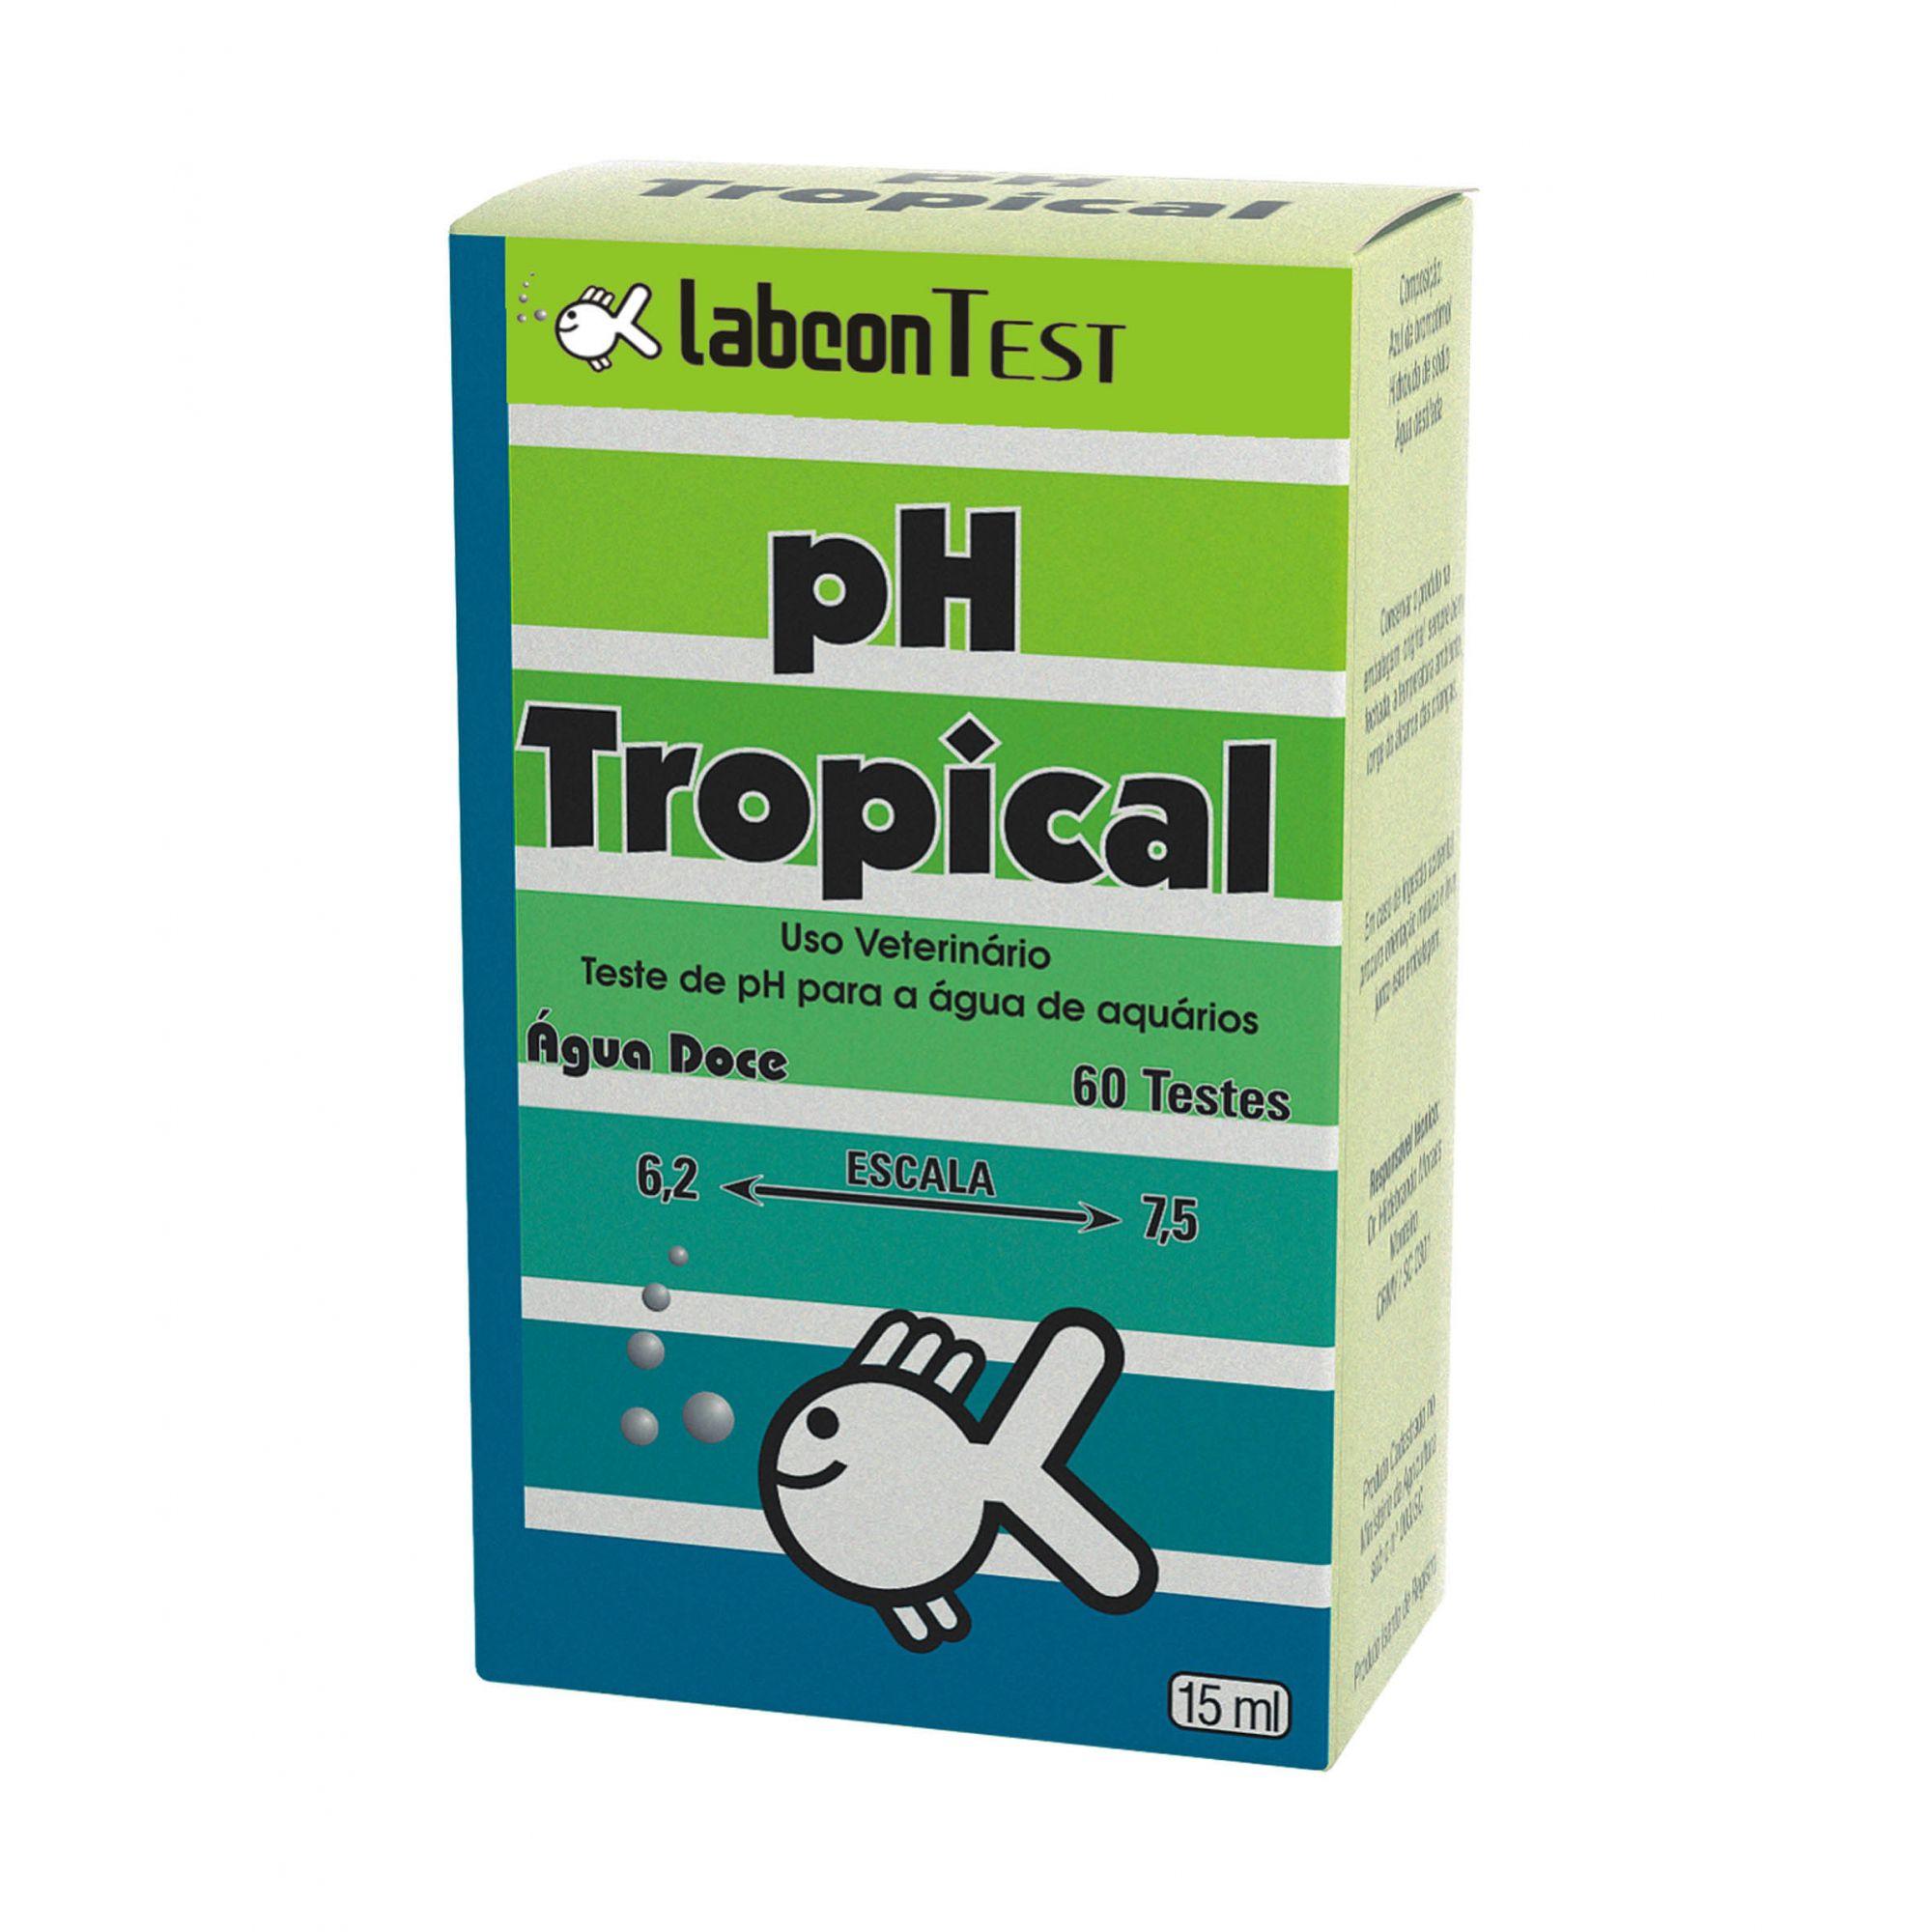 Alcon Labcon Teste De pH Tropical Água Doce 15ml 60 Testes